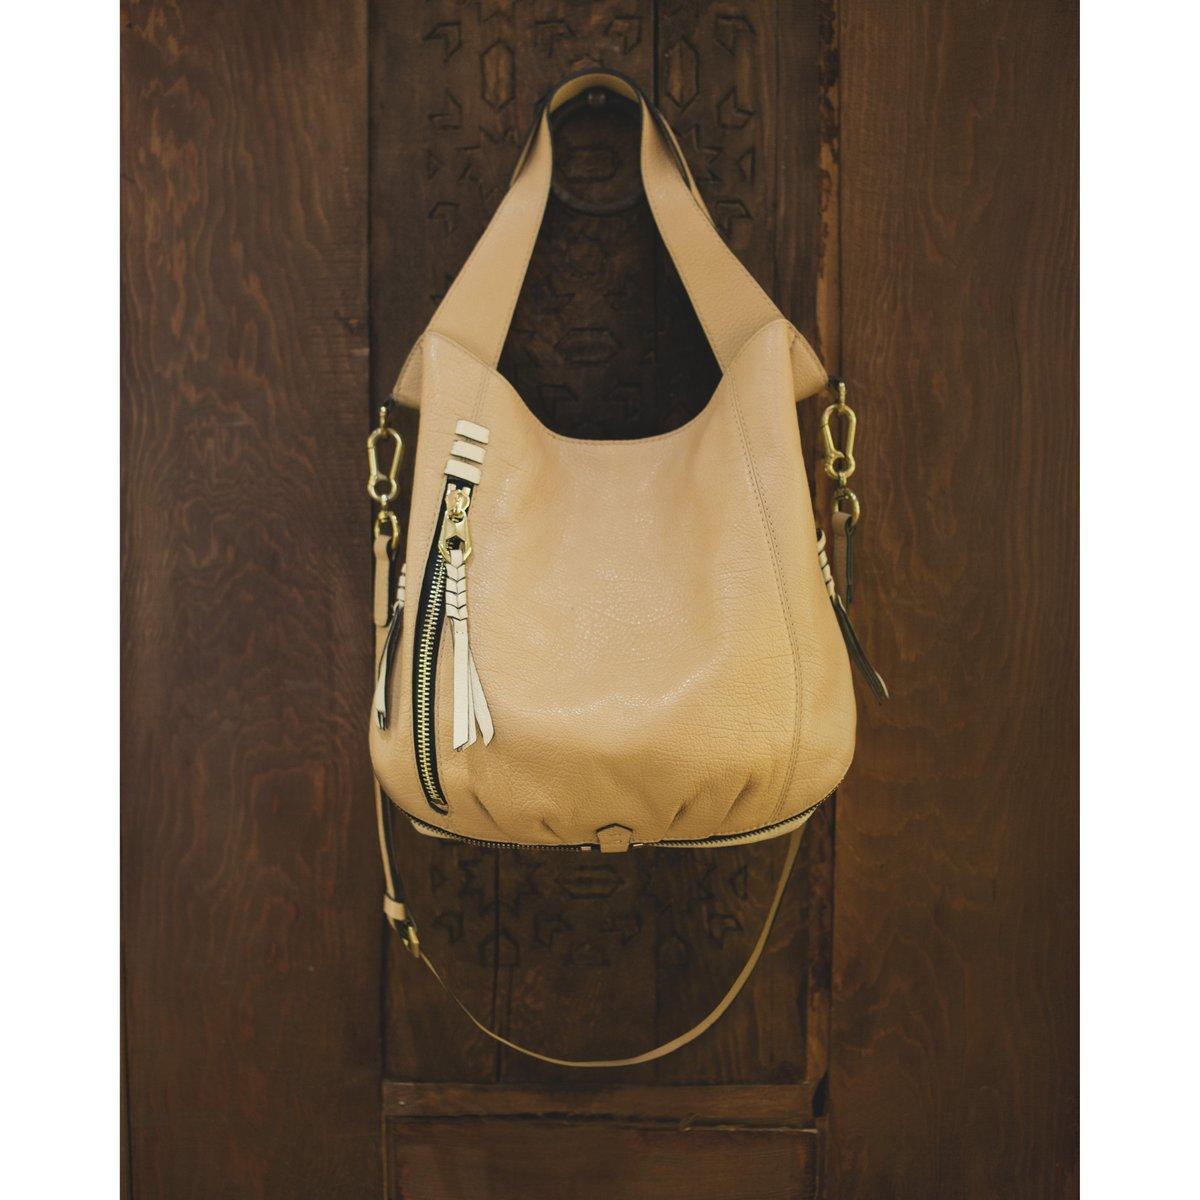 Oryany Handbags Followed